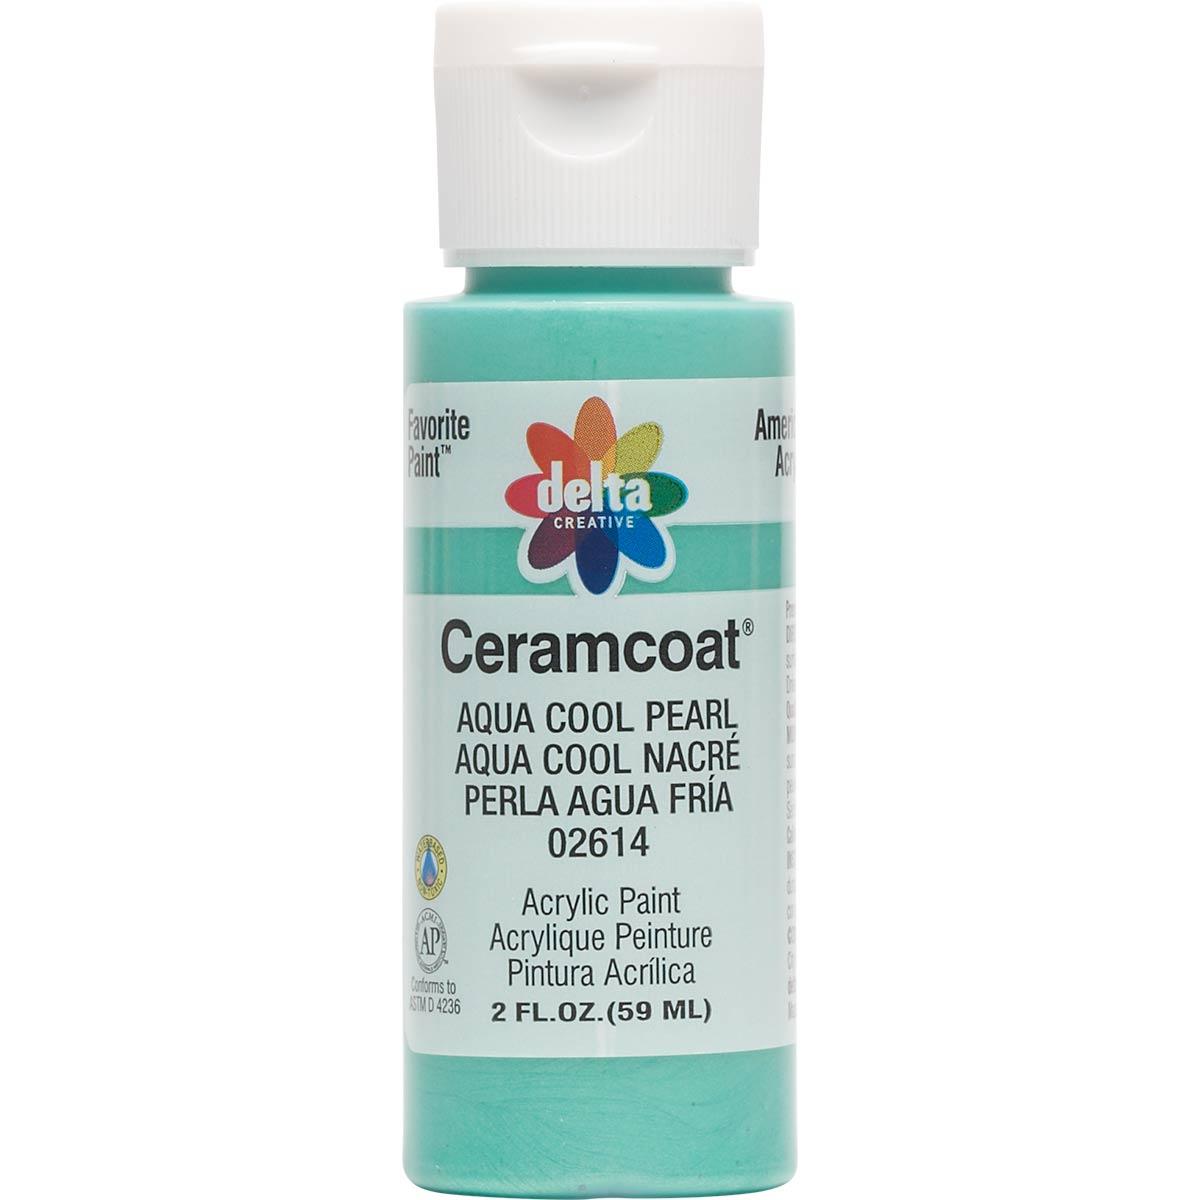 Delta Ceramcoat ® Acrylic Paint - Aqua Cool Pearl, 2 oz. - 026140202W